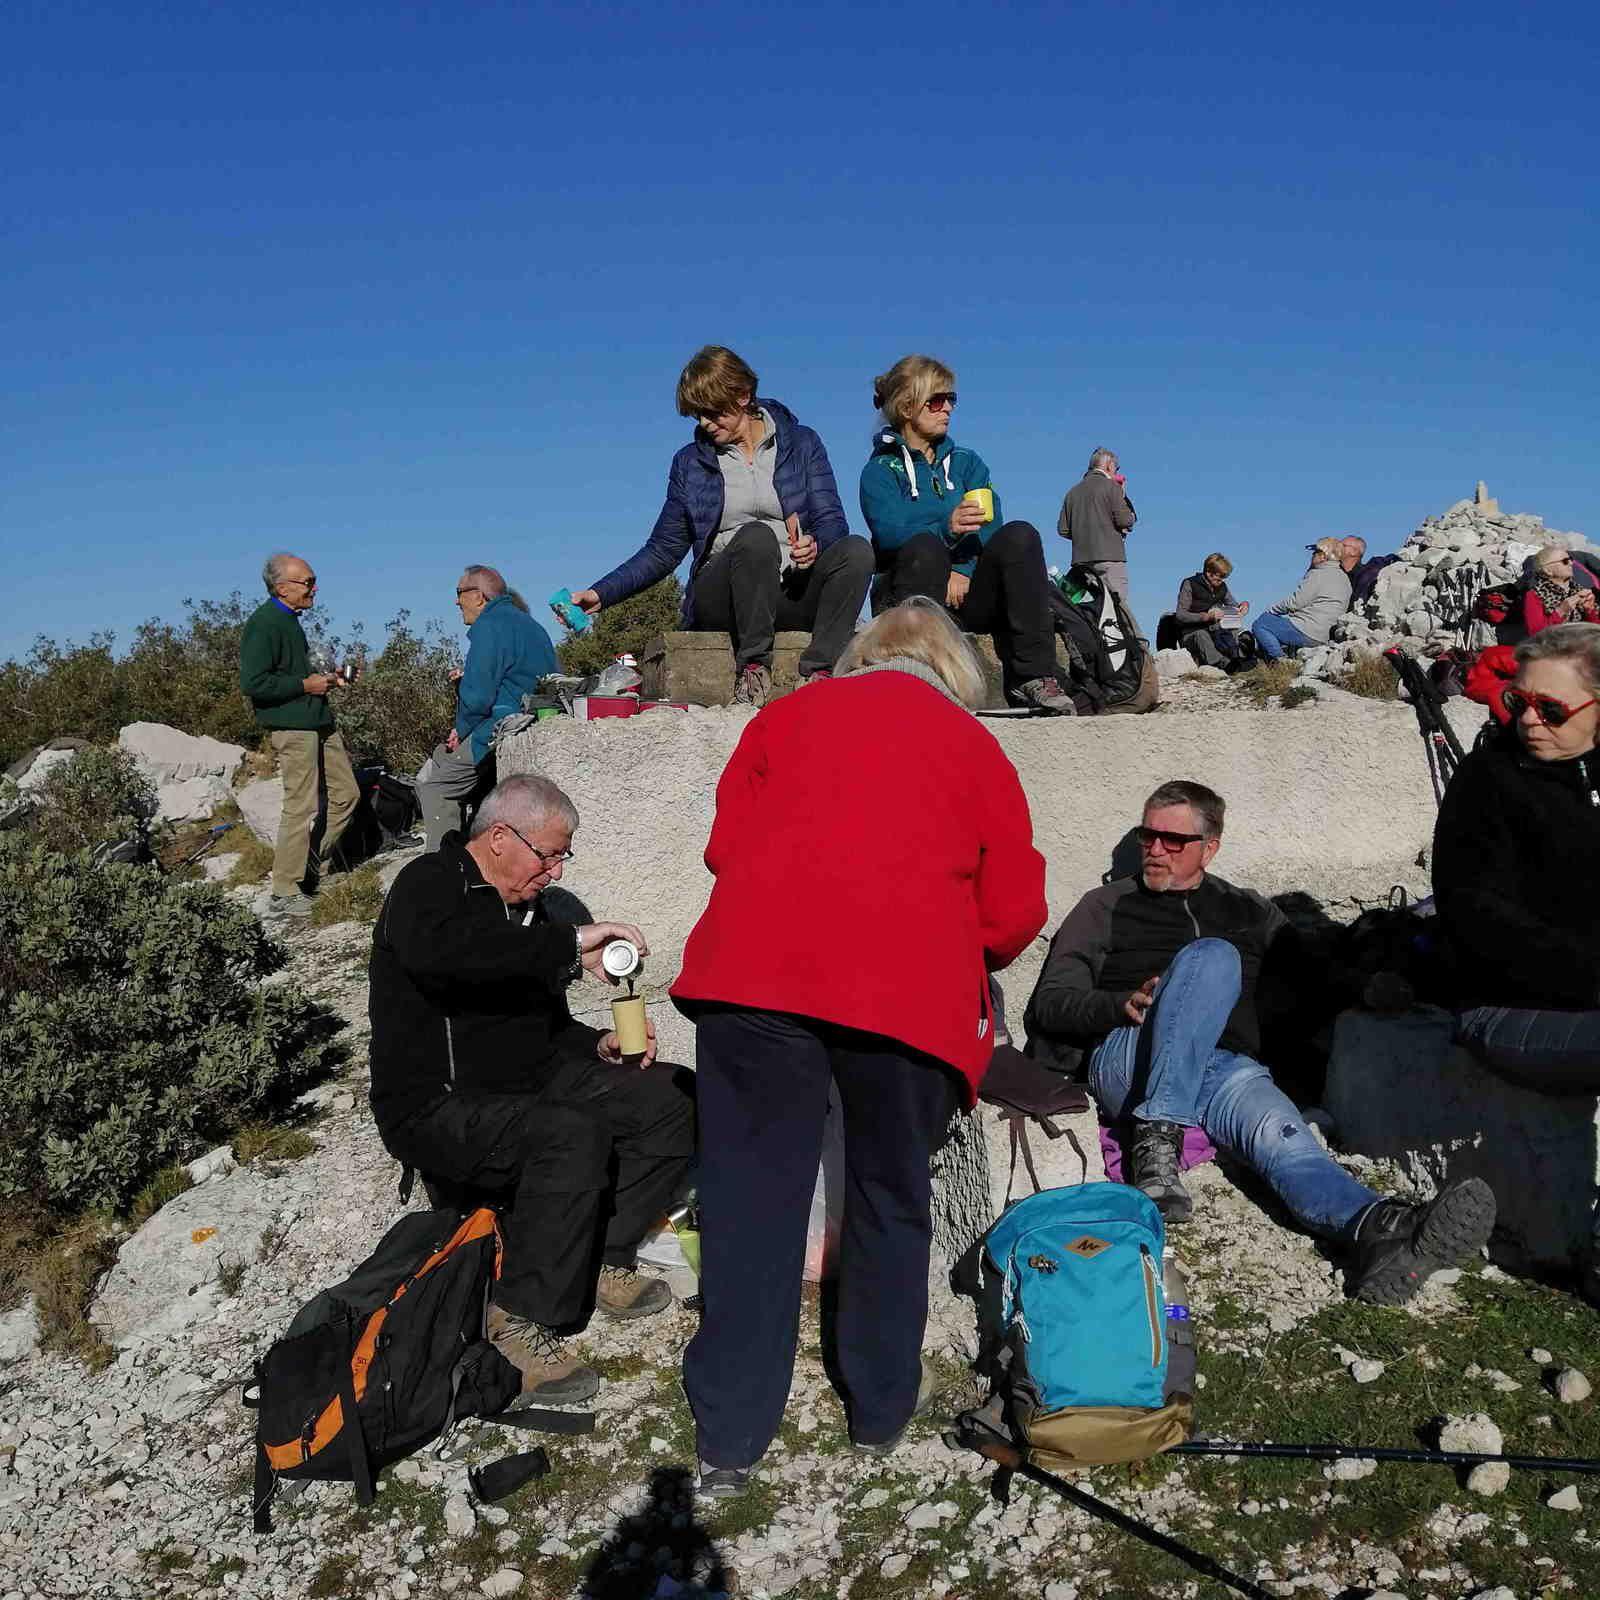 2020-01-09 Massif de l'Etoile. Mise à jour photos supplémentaires